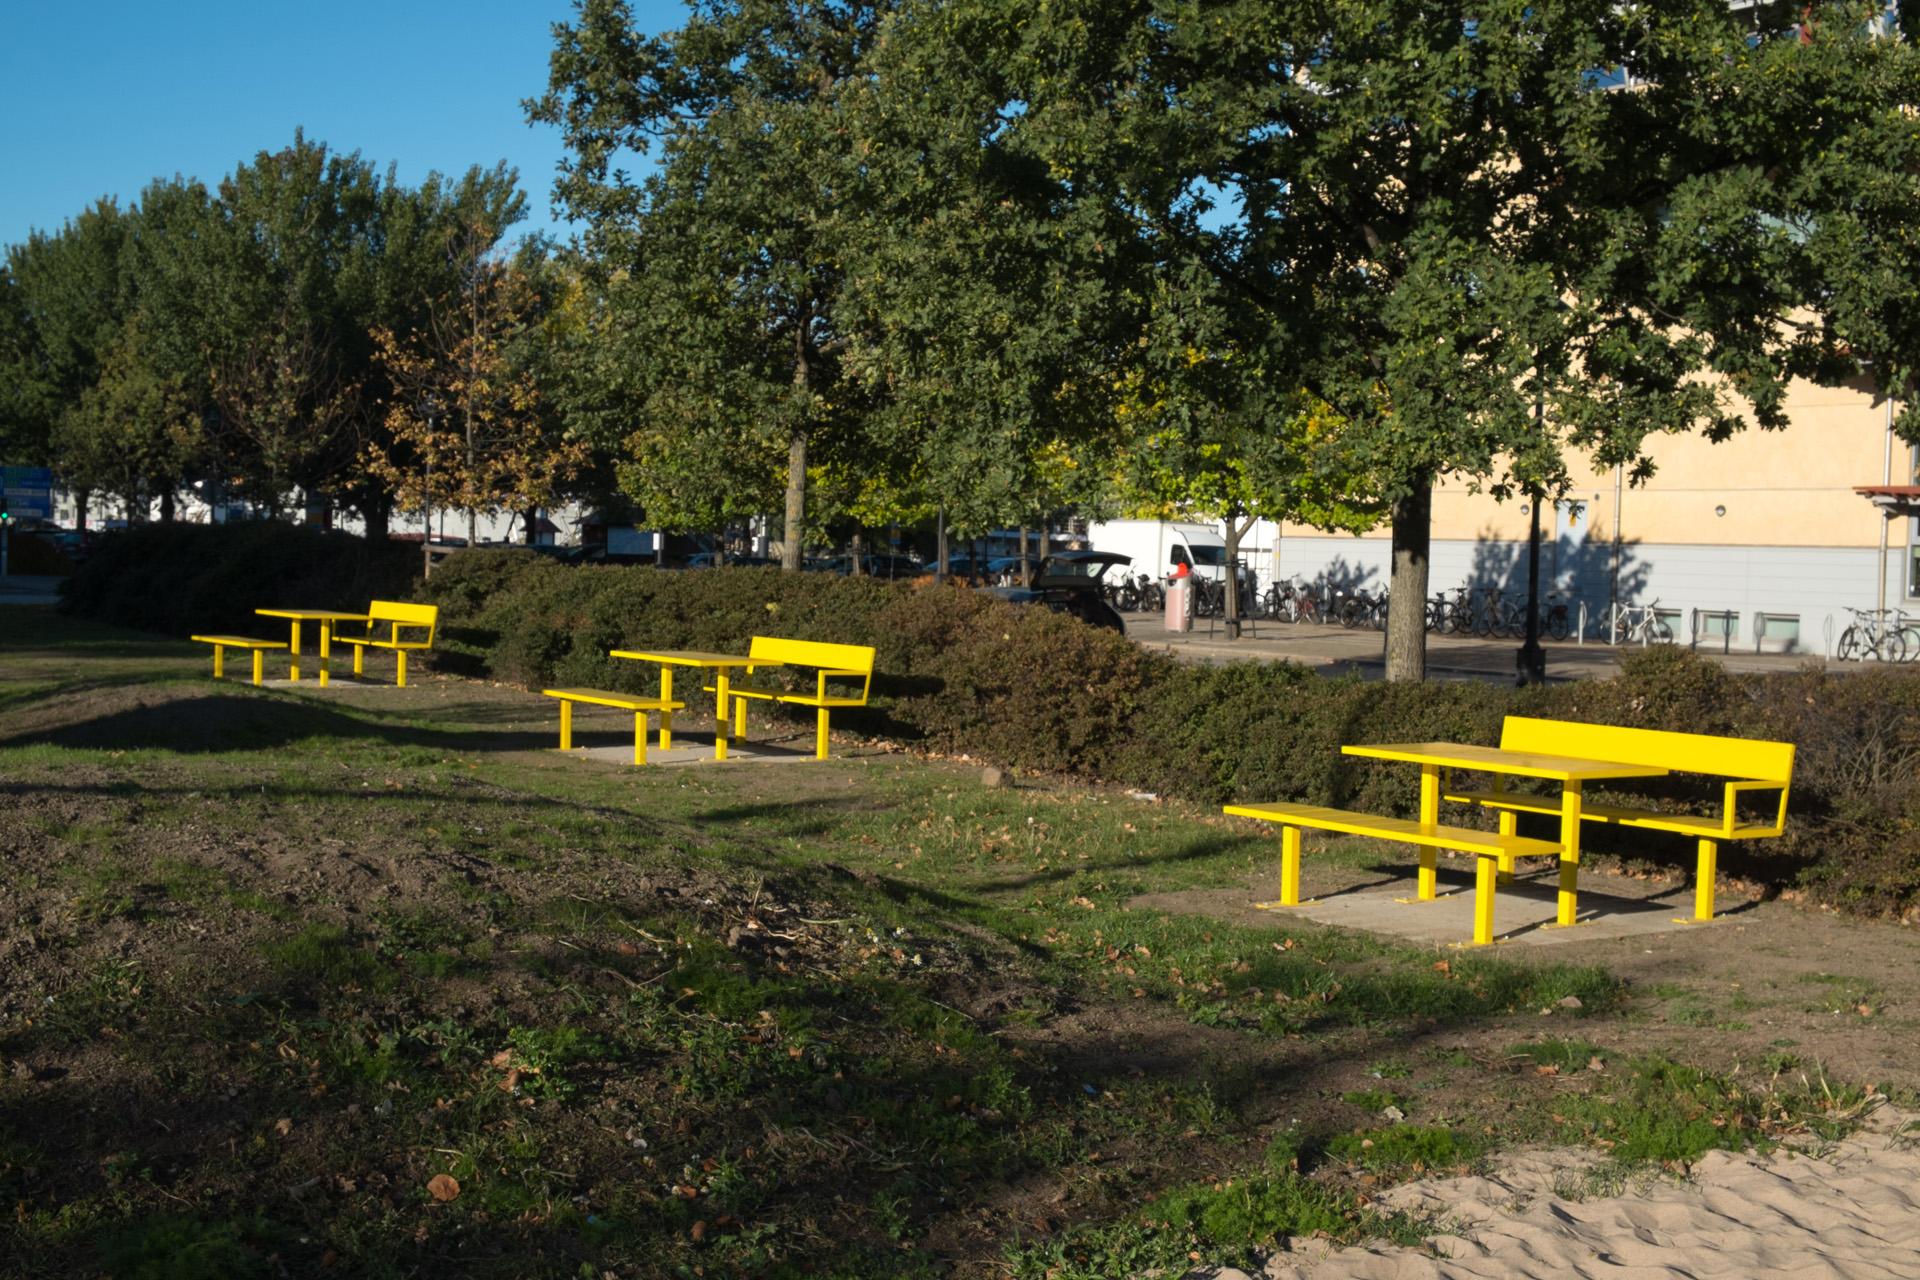 Sidewalk bank voor parken, bossen en landschappen